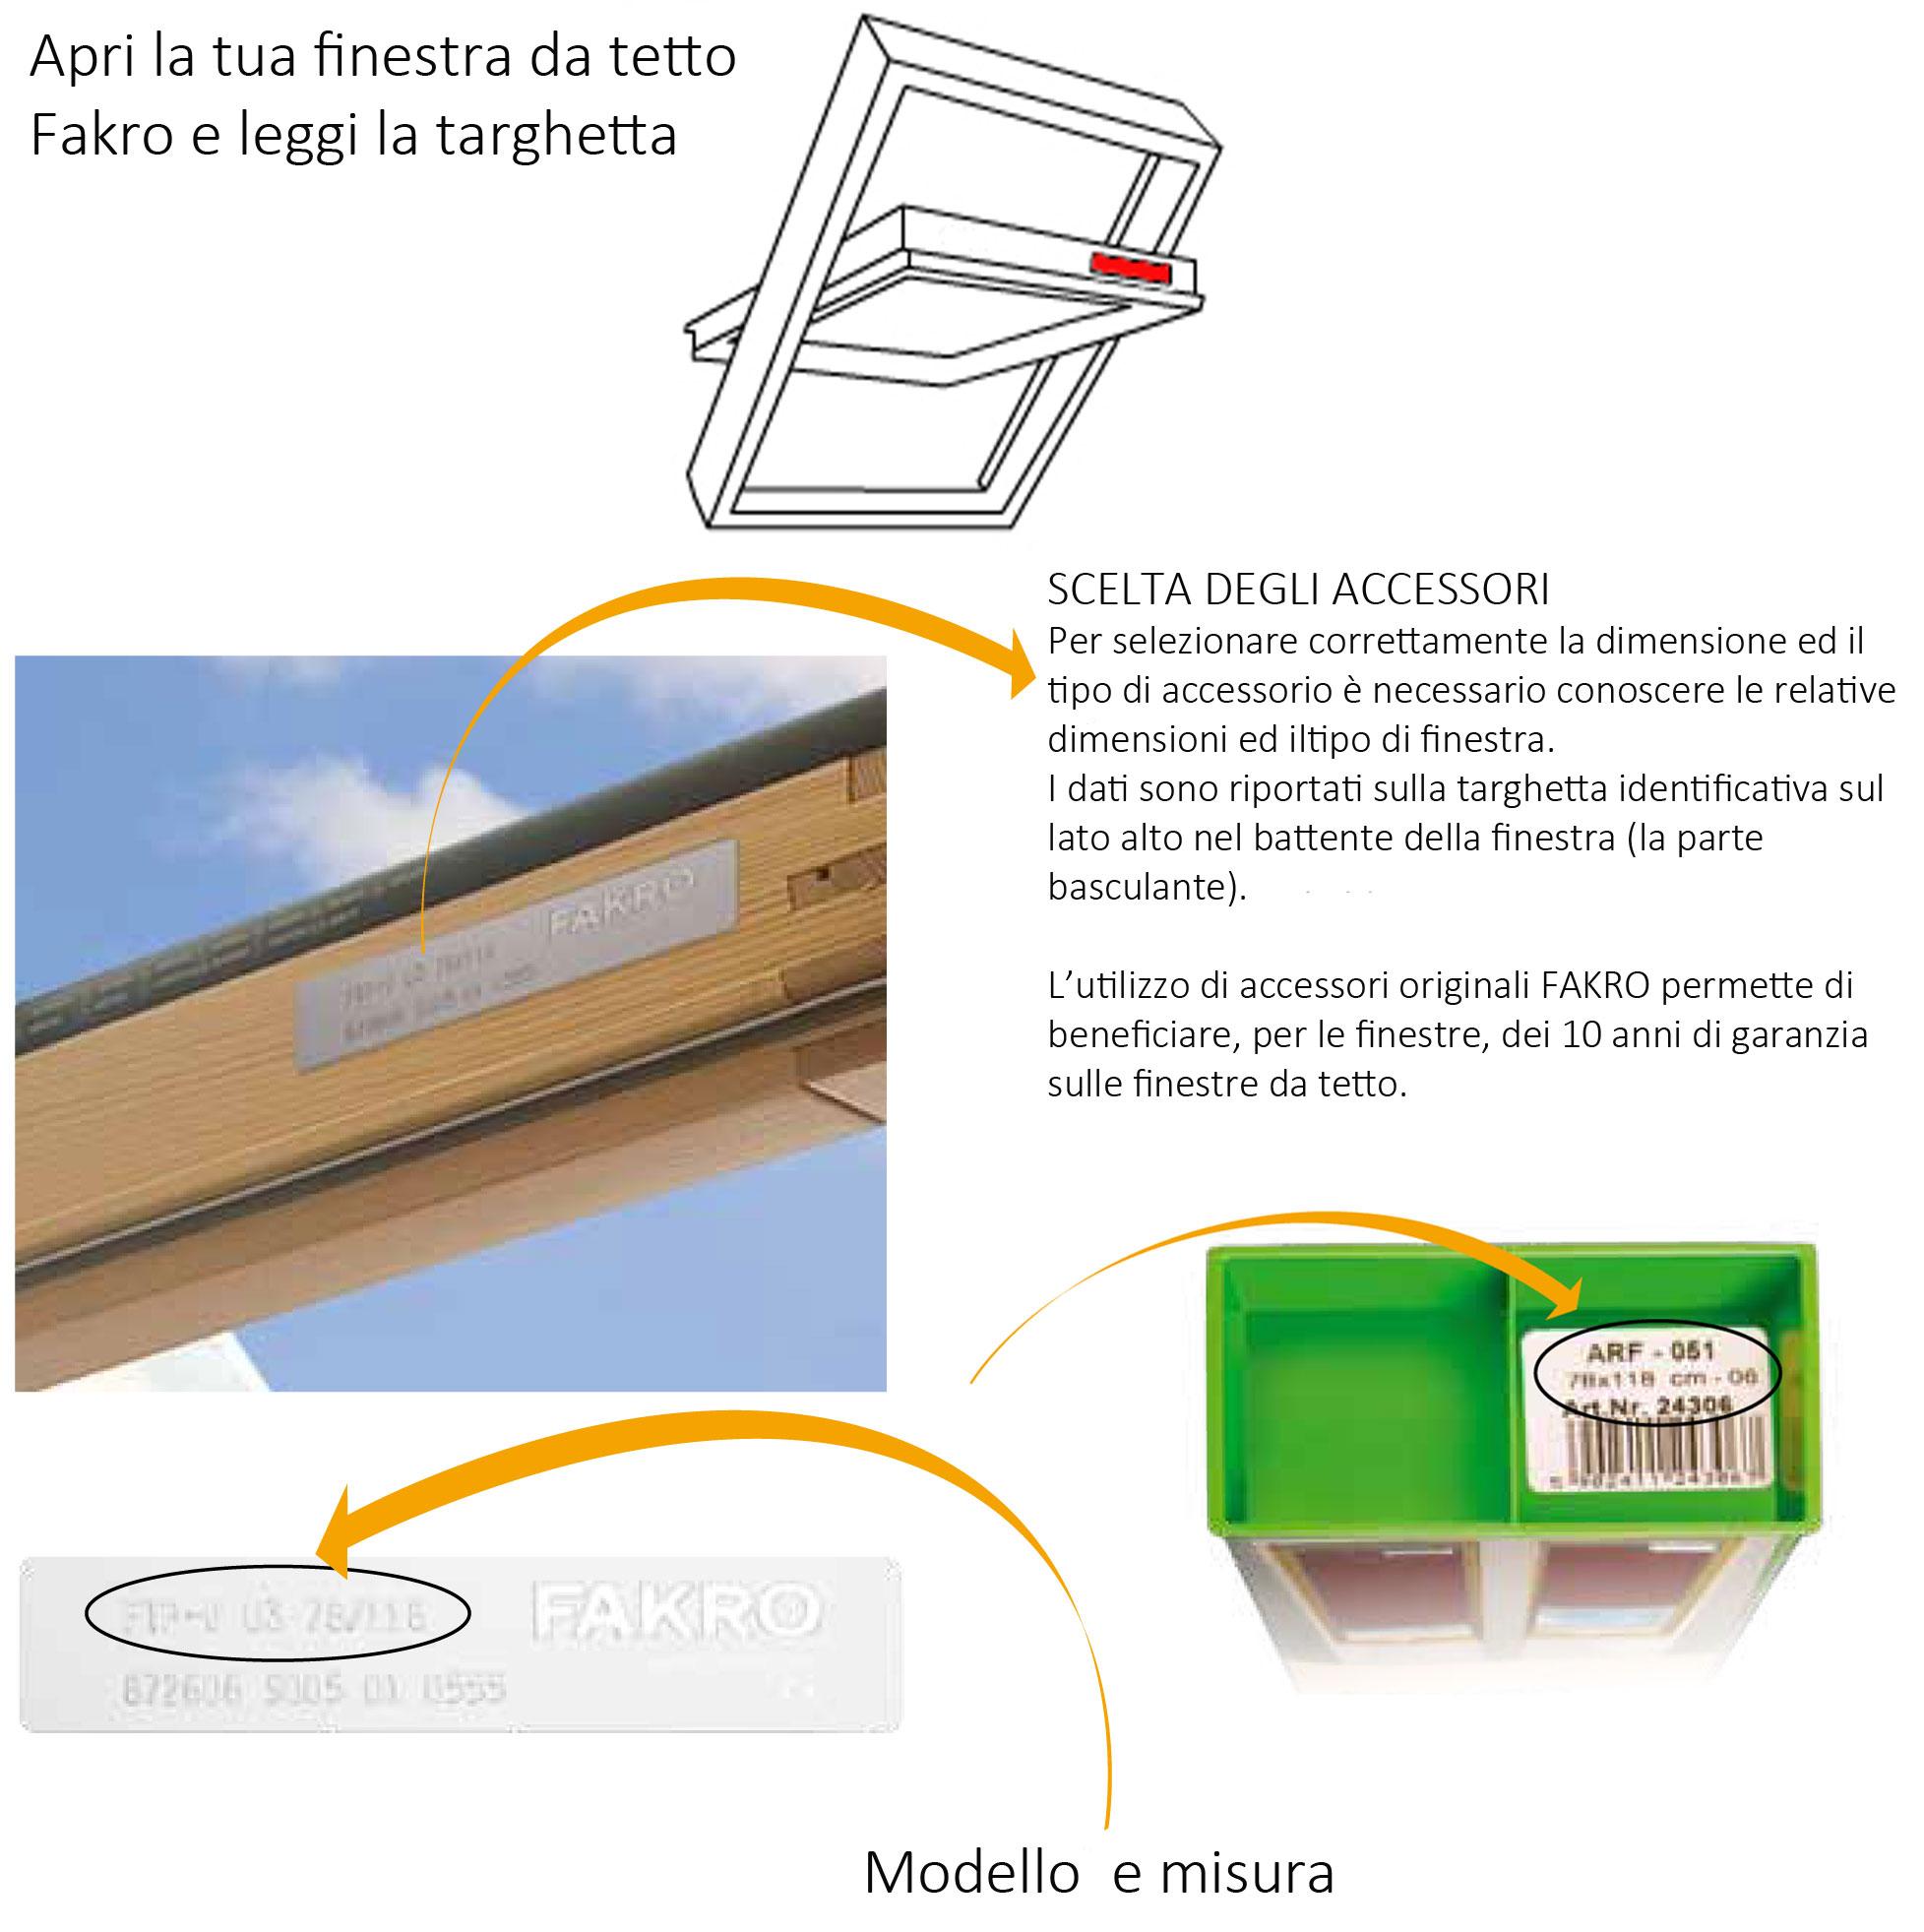 Tenda tende ed accessori fakro originali vendita online for Finestre fakro